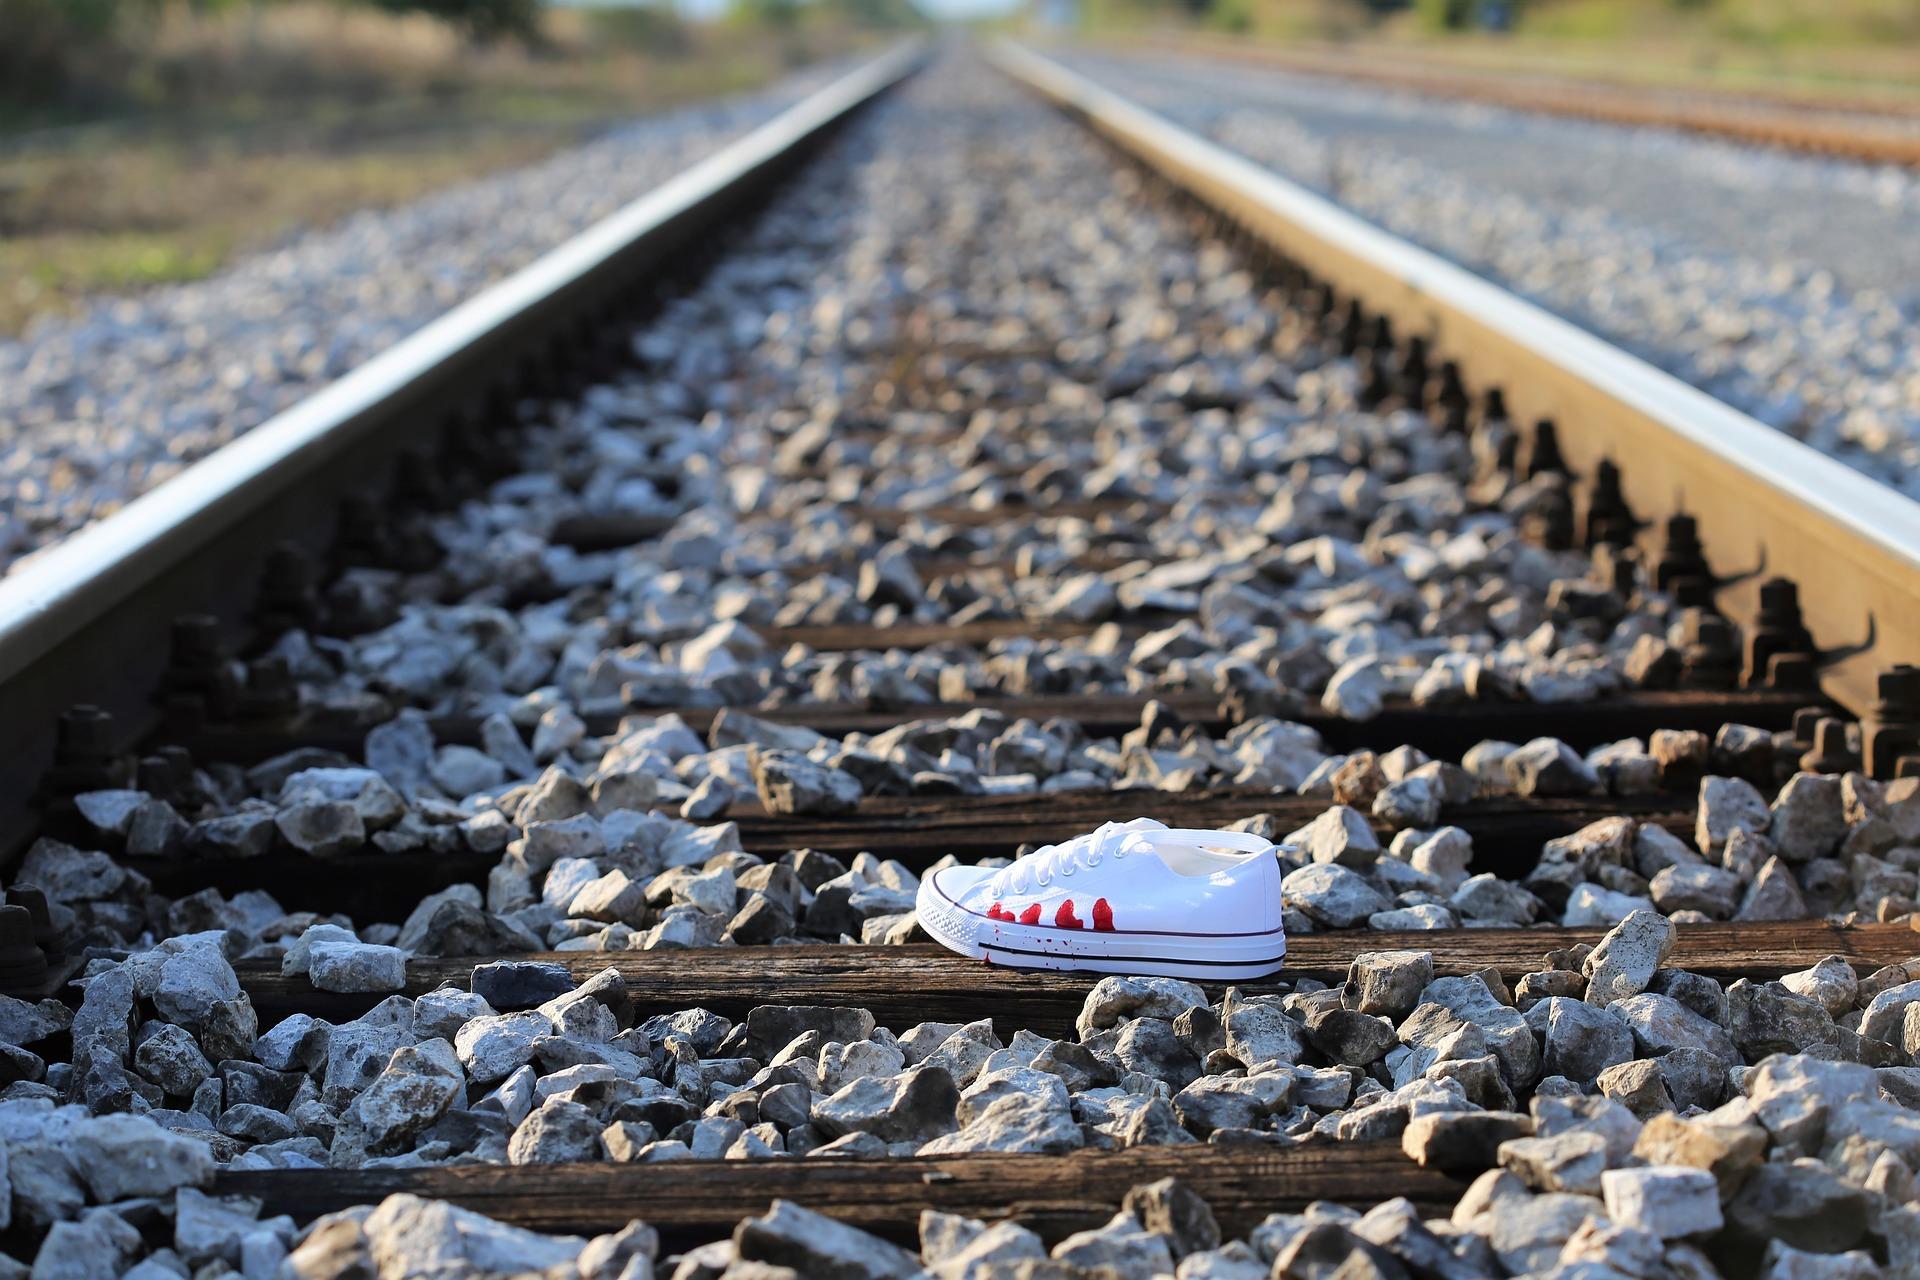 電車飛び込み事故を目撃!実際どんな感じ?見た人のトラウマ体験談!